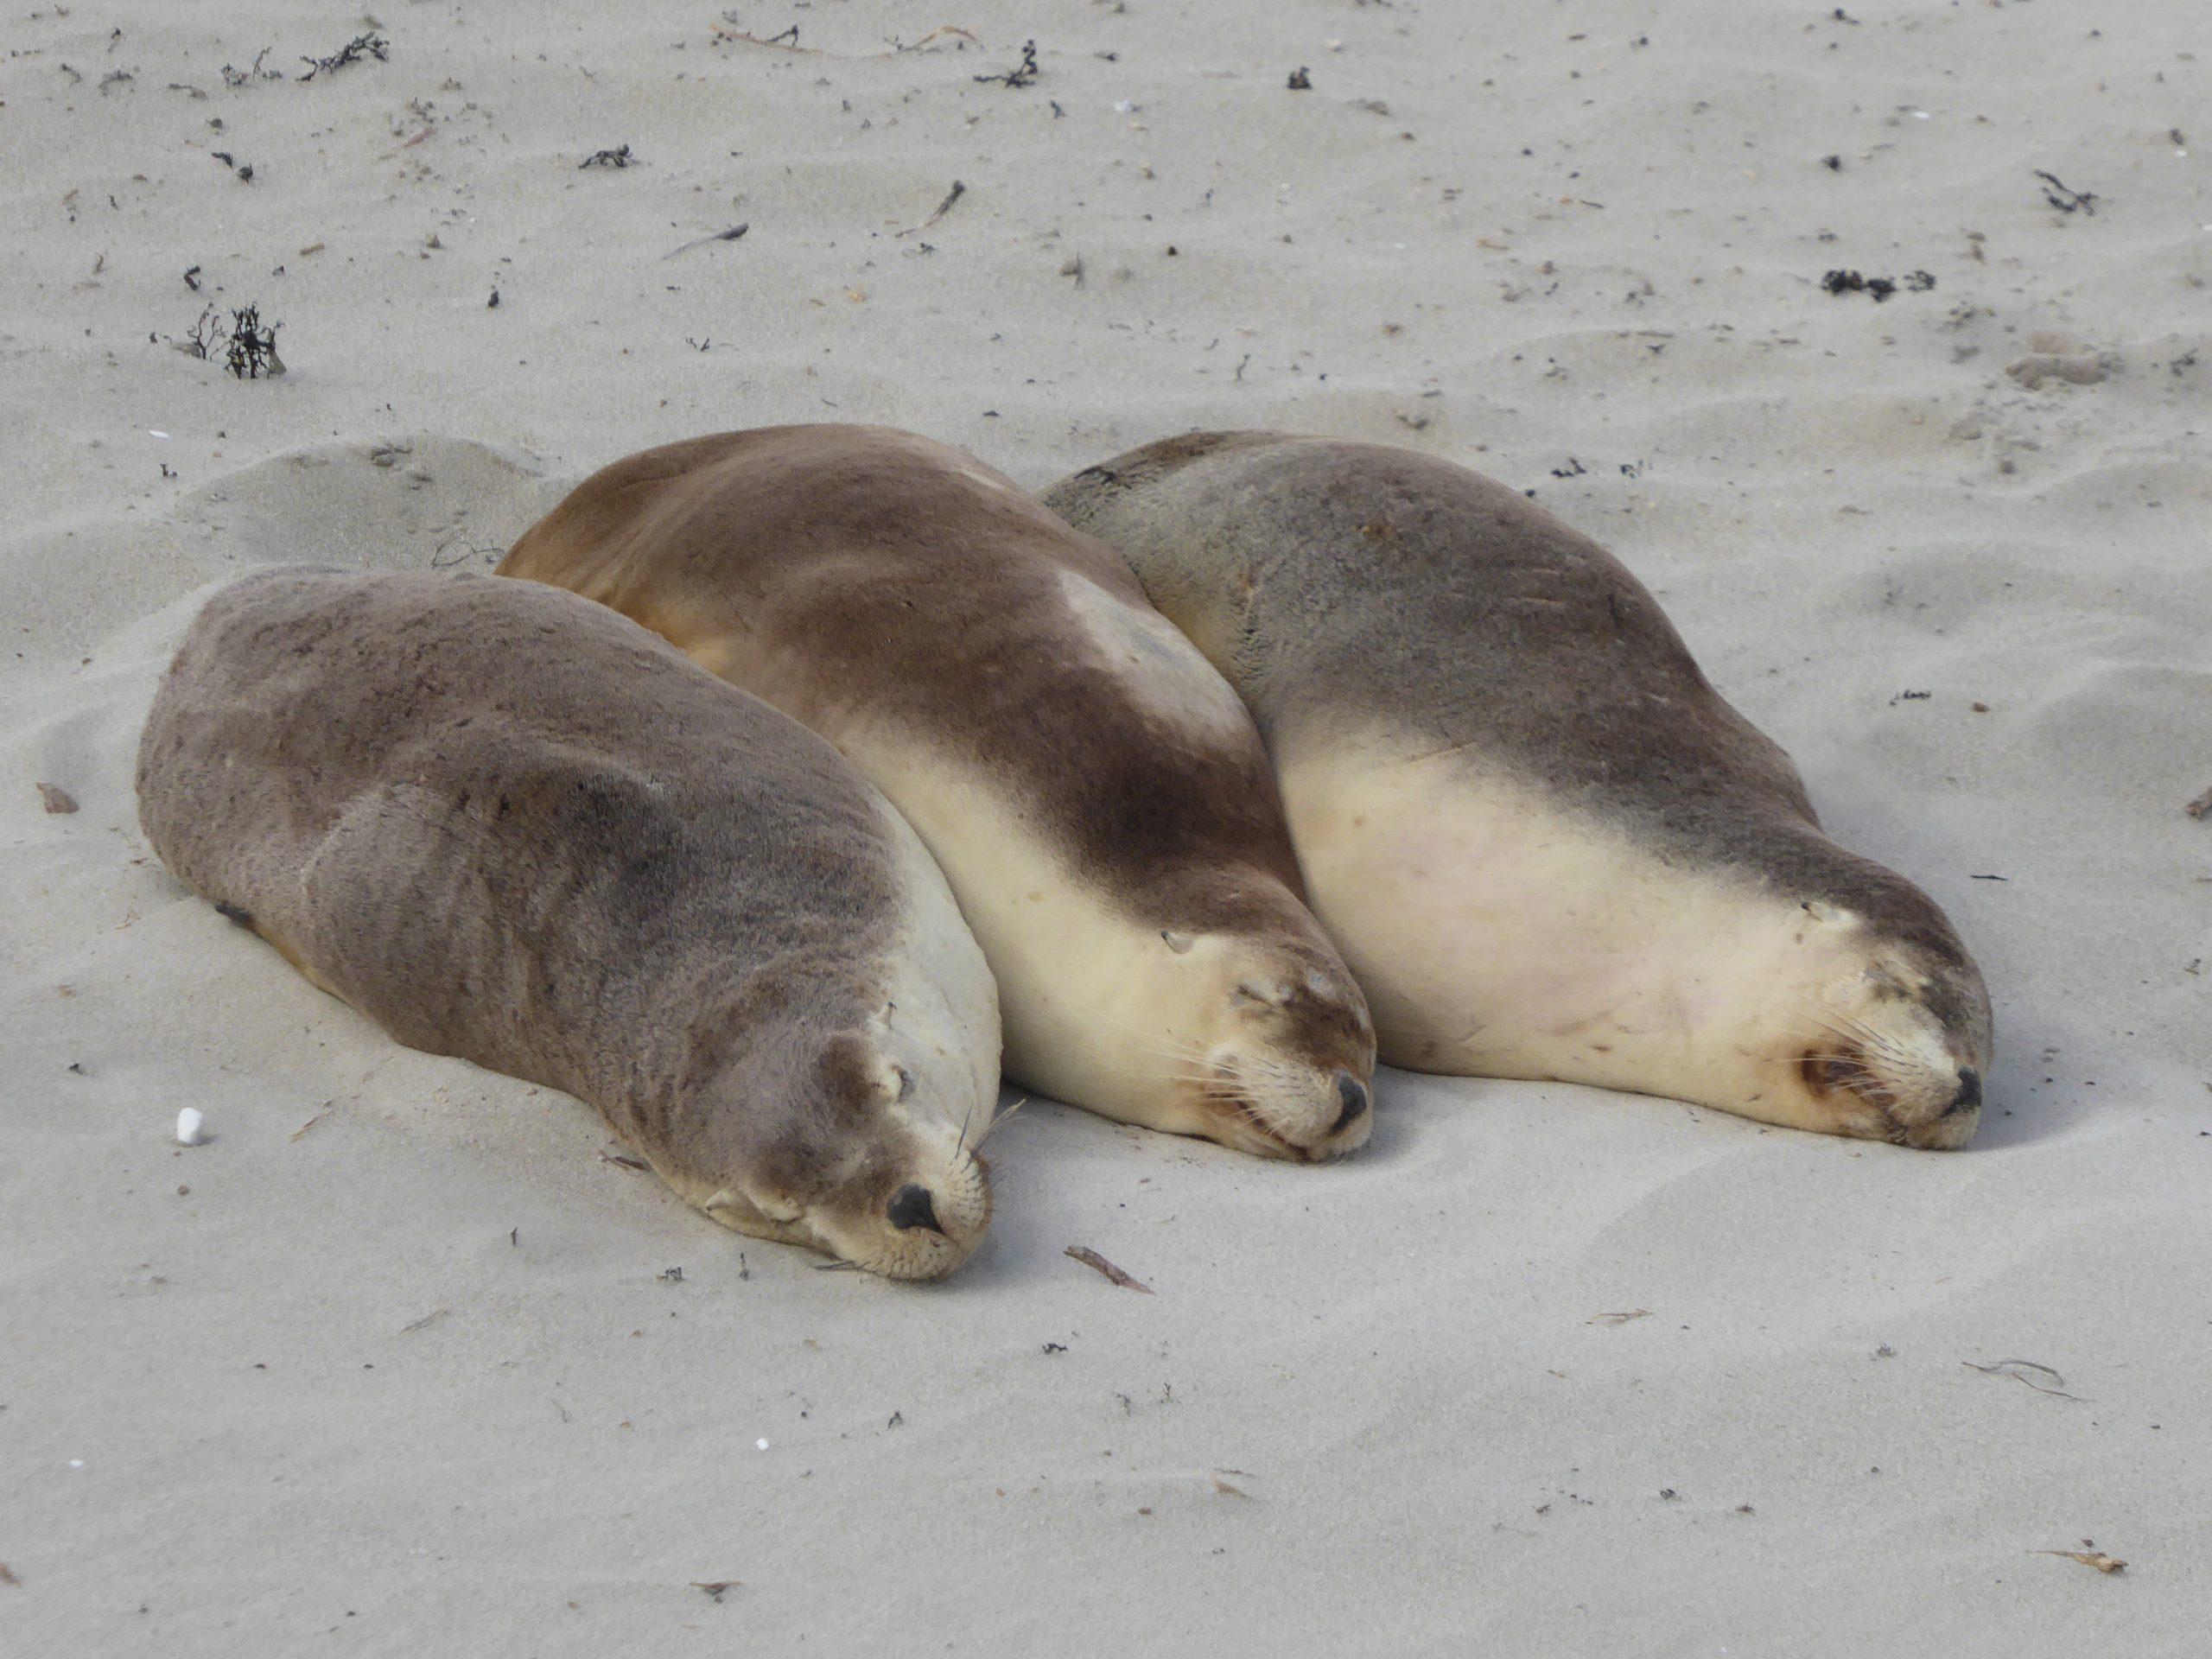 Radreise Australien 2016 - Kangaroo Island - Seelöwen